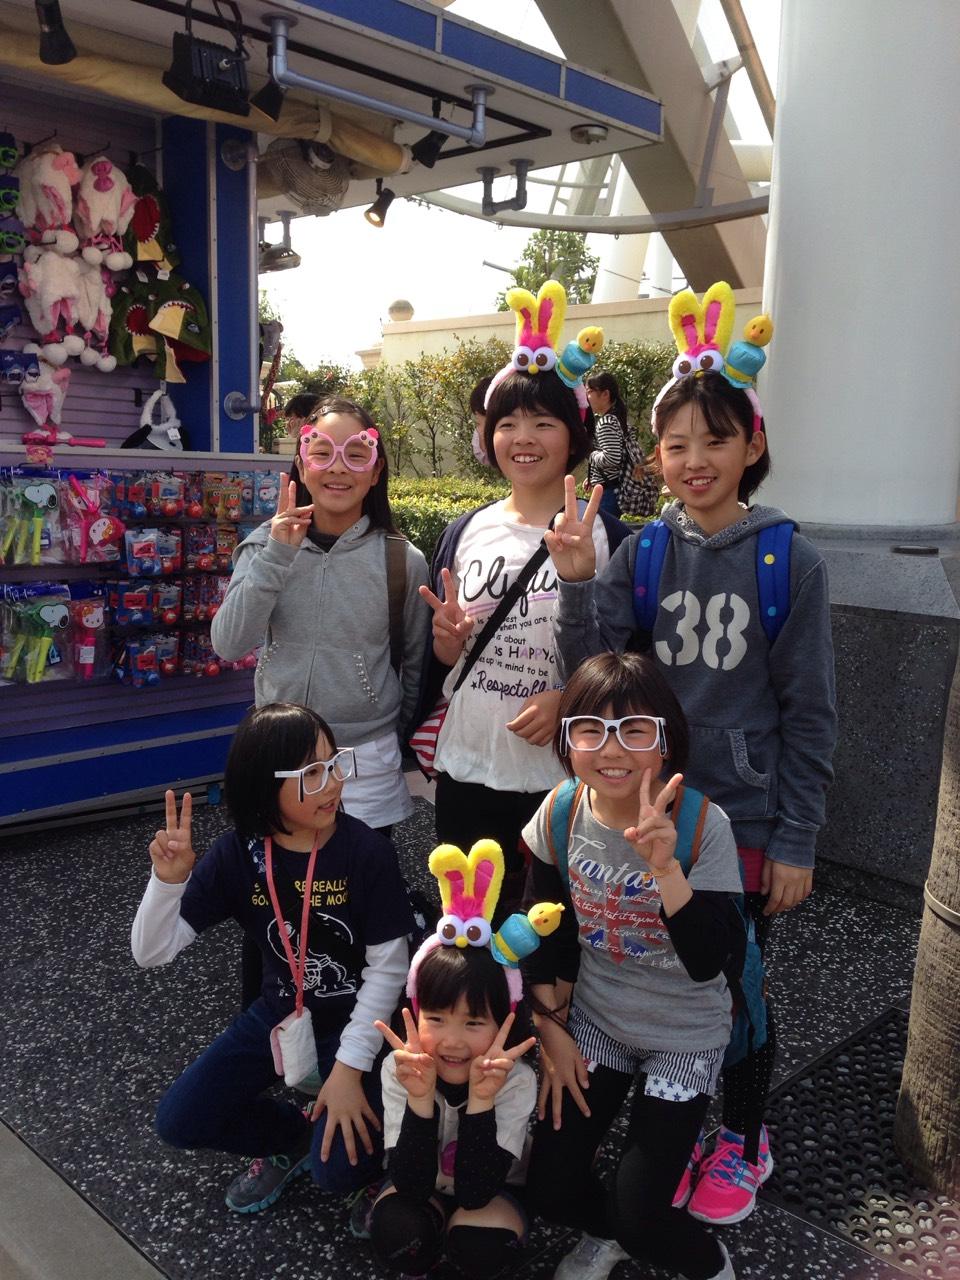 20150324202814afc.jpg